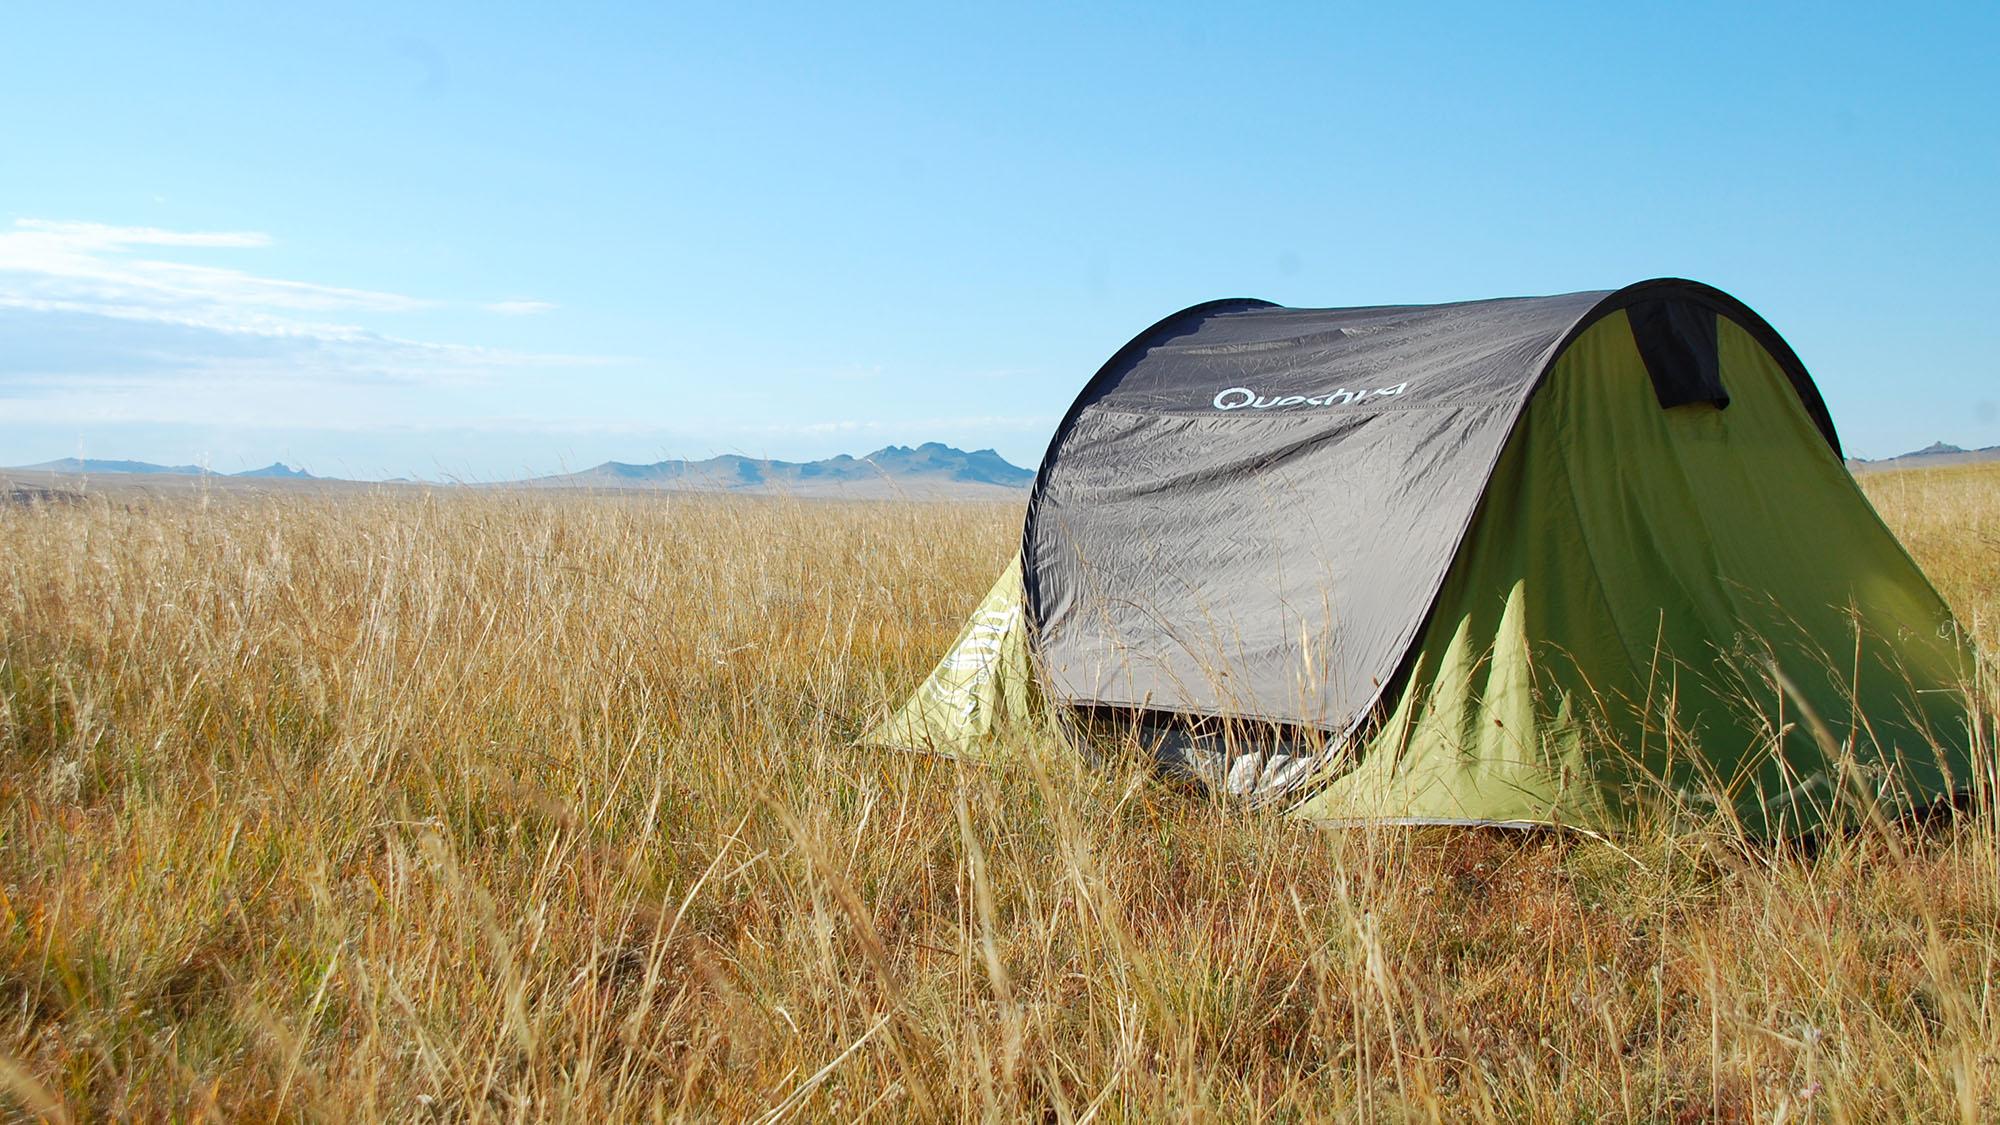 Herlig camping på steppene i Mongolia - og her var det fint å våkne opp og drikke morgenkaffe!